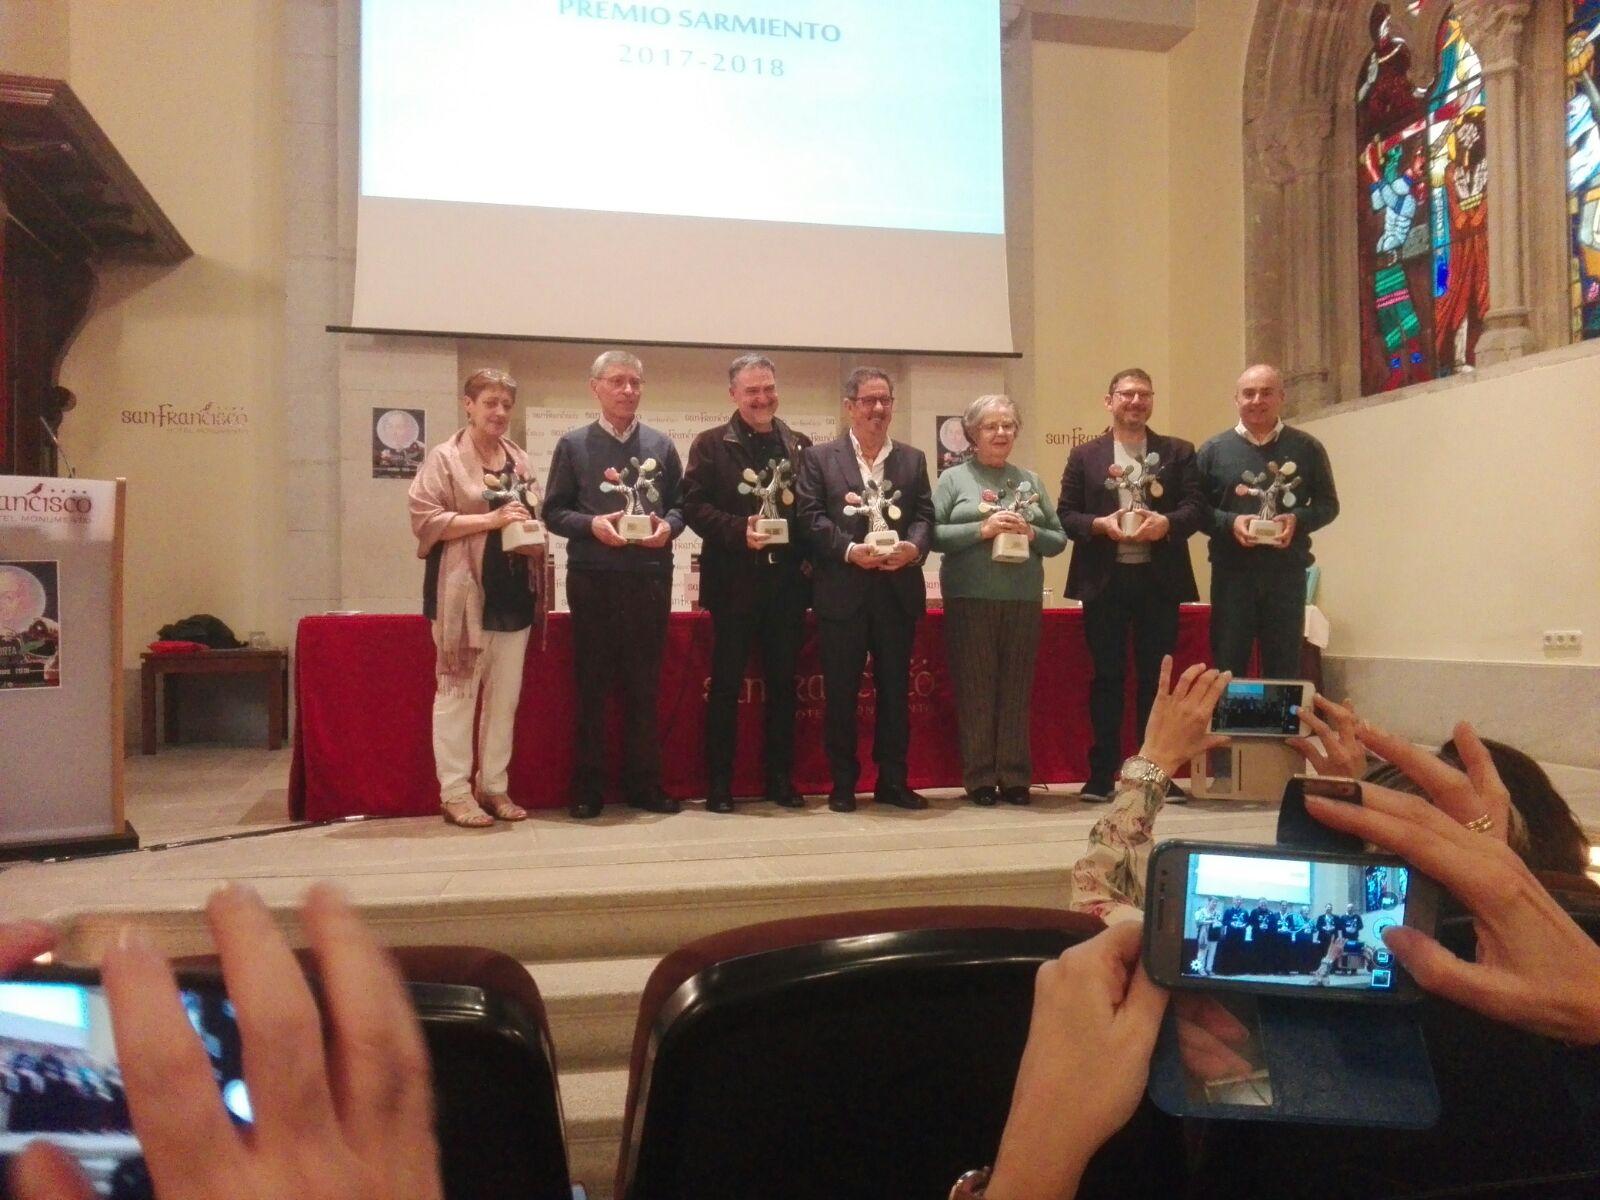 Premio Frei Martín Sarmiento